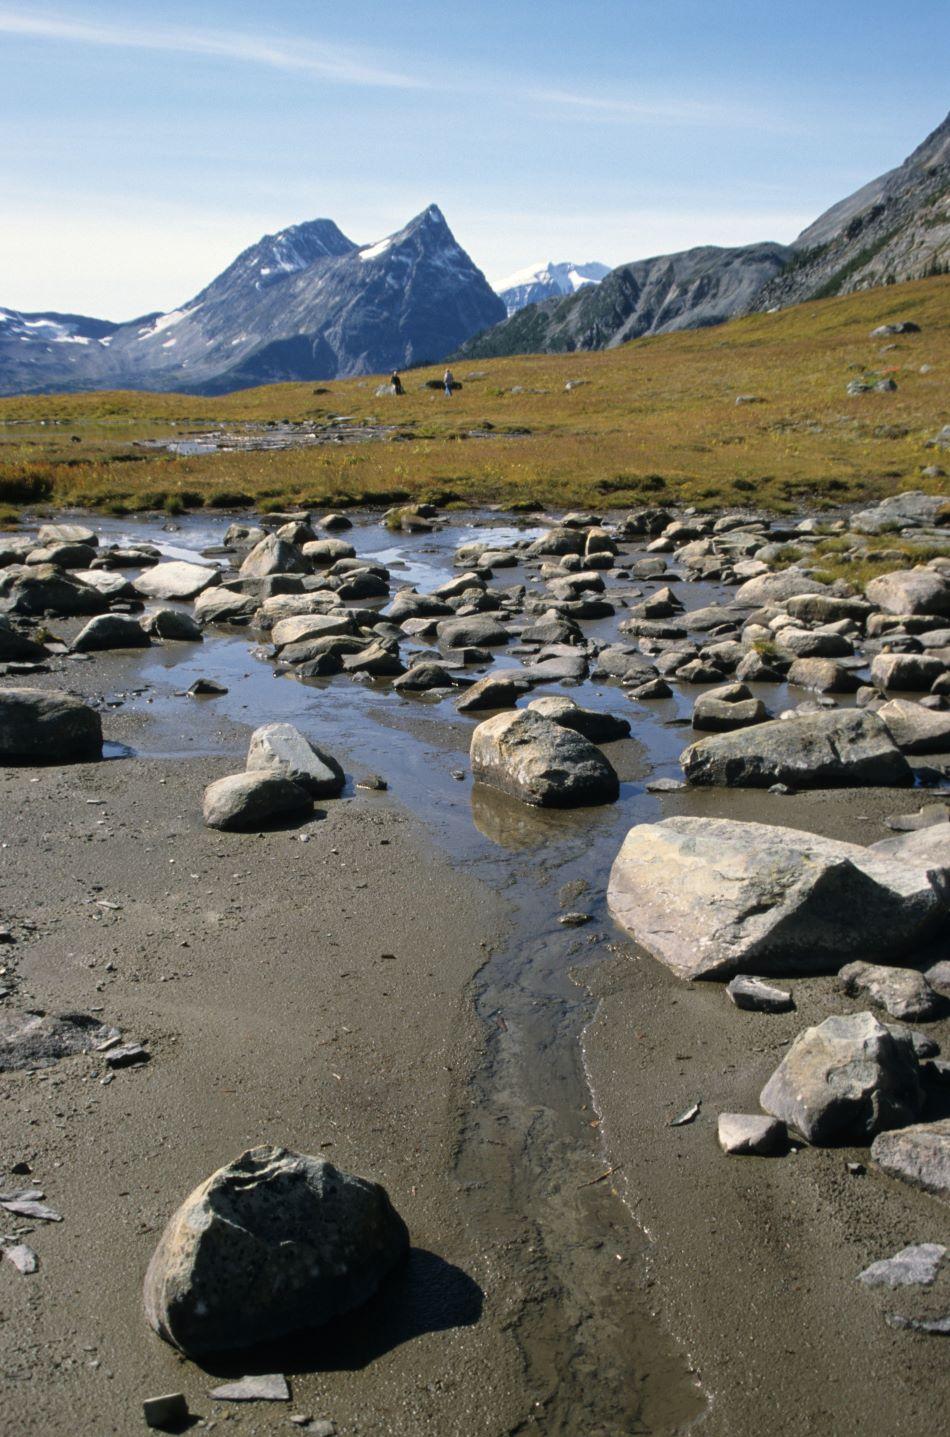 Jeden ze zdrojů řeky Fraser v průsmyku Fraser ve výšce kolem 2.000 m n.m.,  foto Roland Neave at English Wikipedia [CC BY 3.0 (https://creativecommons.org/licenses/by/3.0)].